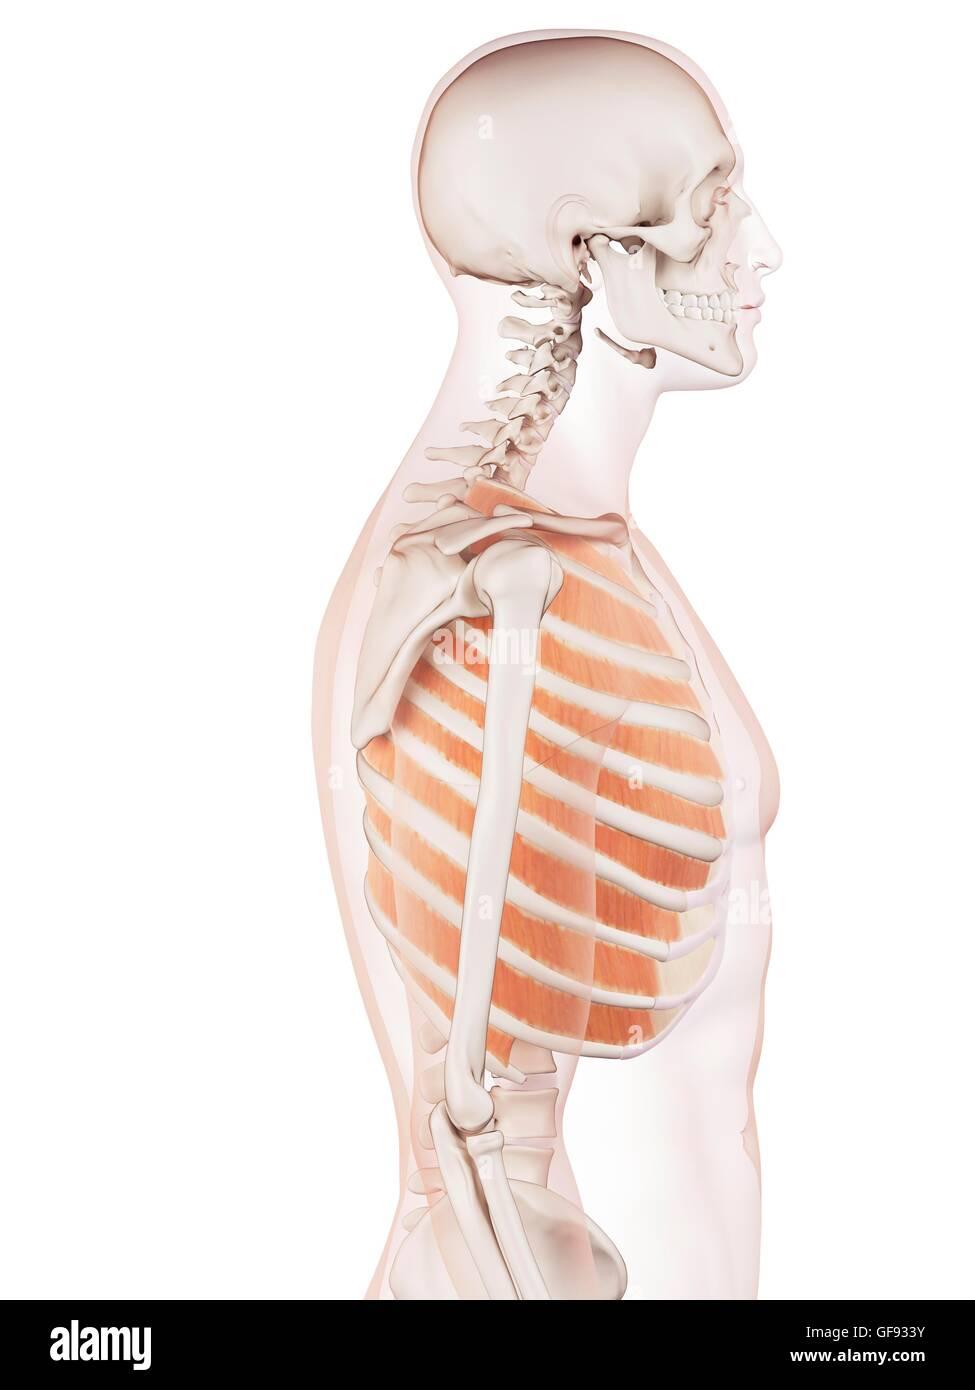 Ungewöhnlich Bild Von Brustmuskulatur Bilder - Menschliche Anatomie ...